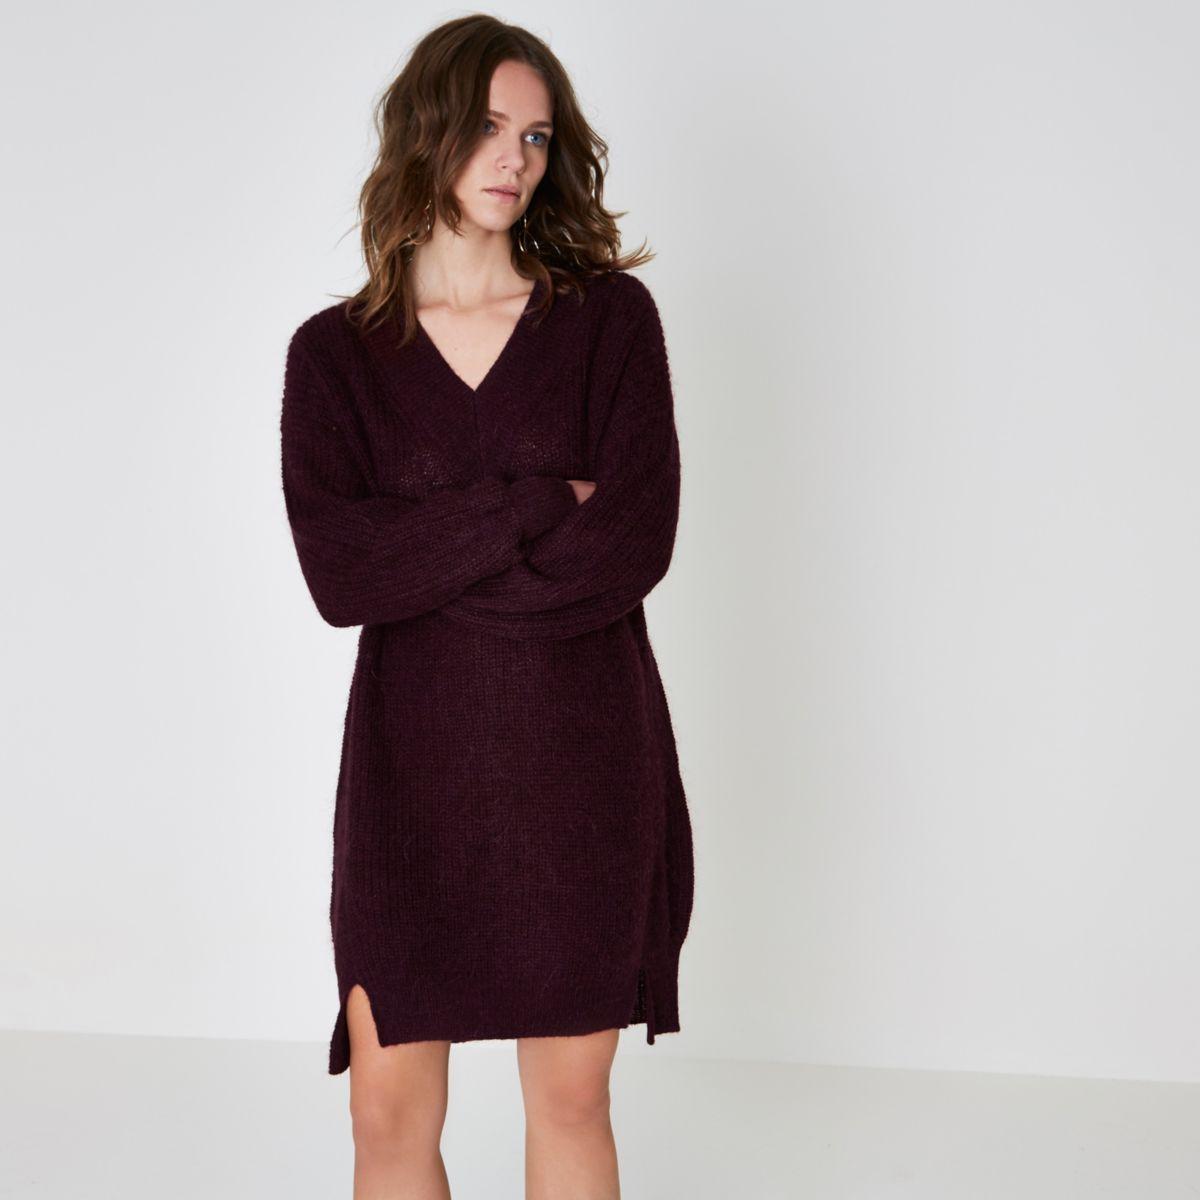 Burgundy V neck knit sweater dress